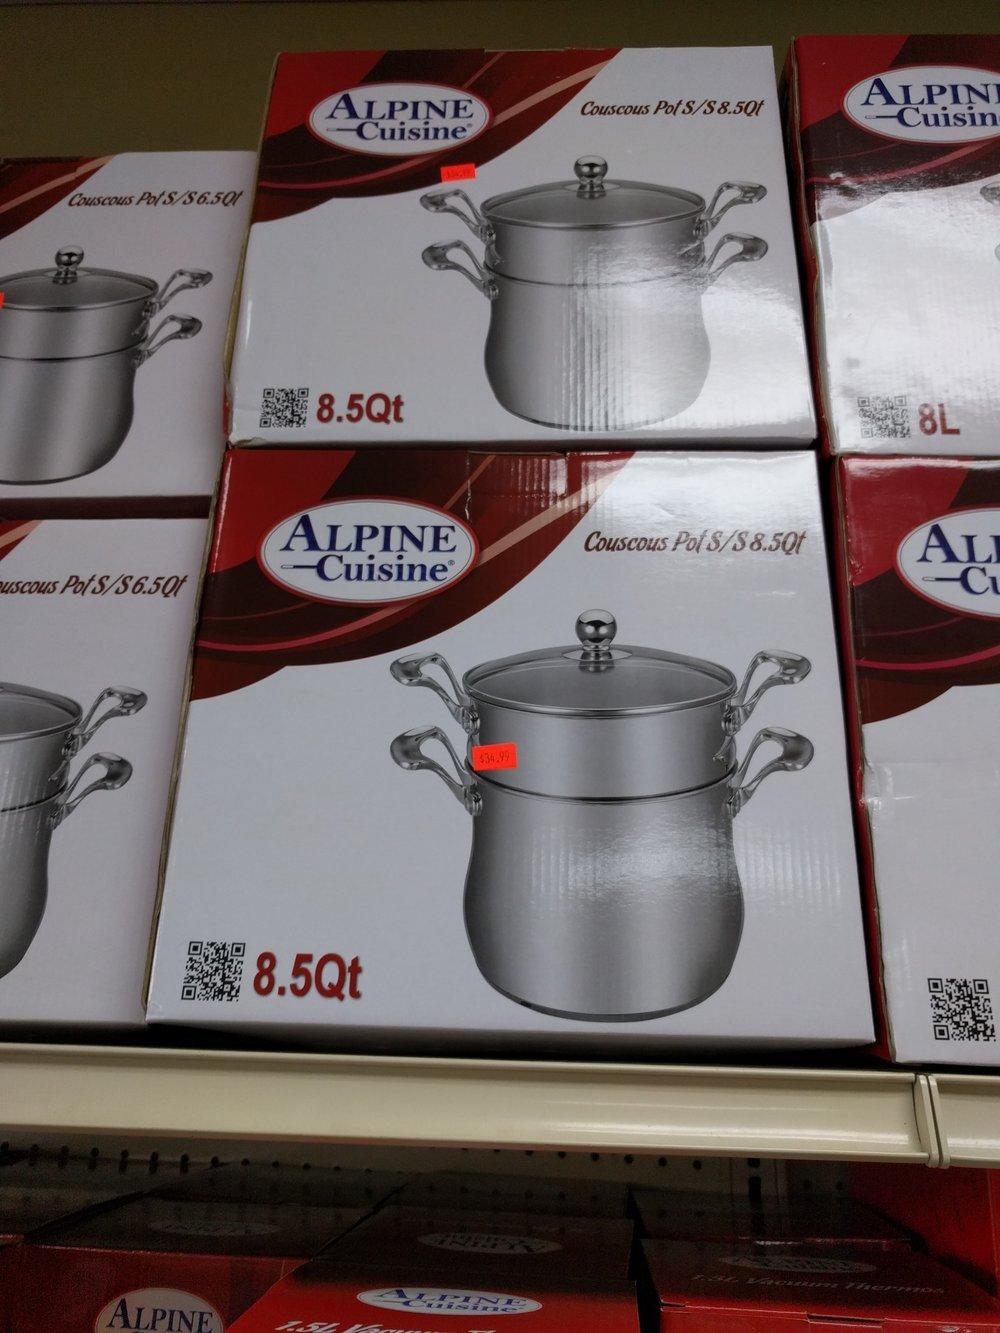 8.5-Quart-Double-Boiler-Pak-Halal-Mediterranean- Grocery-Store-12259-W-87th-St-Pkwy-Lenexa-KS-66215.jpg